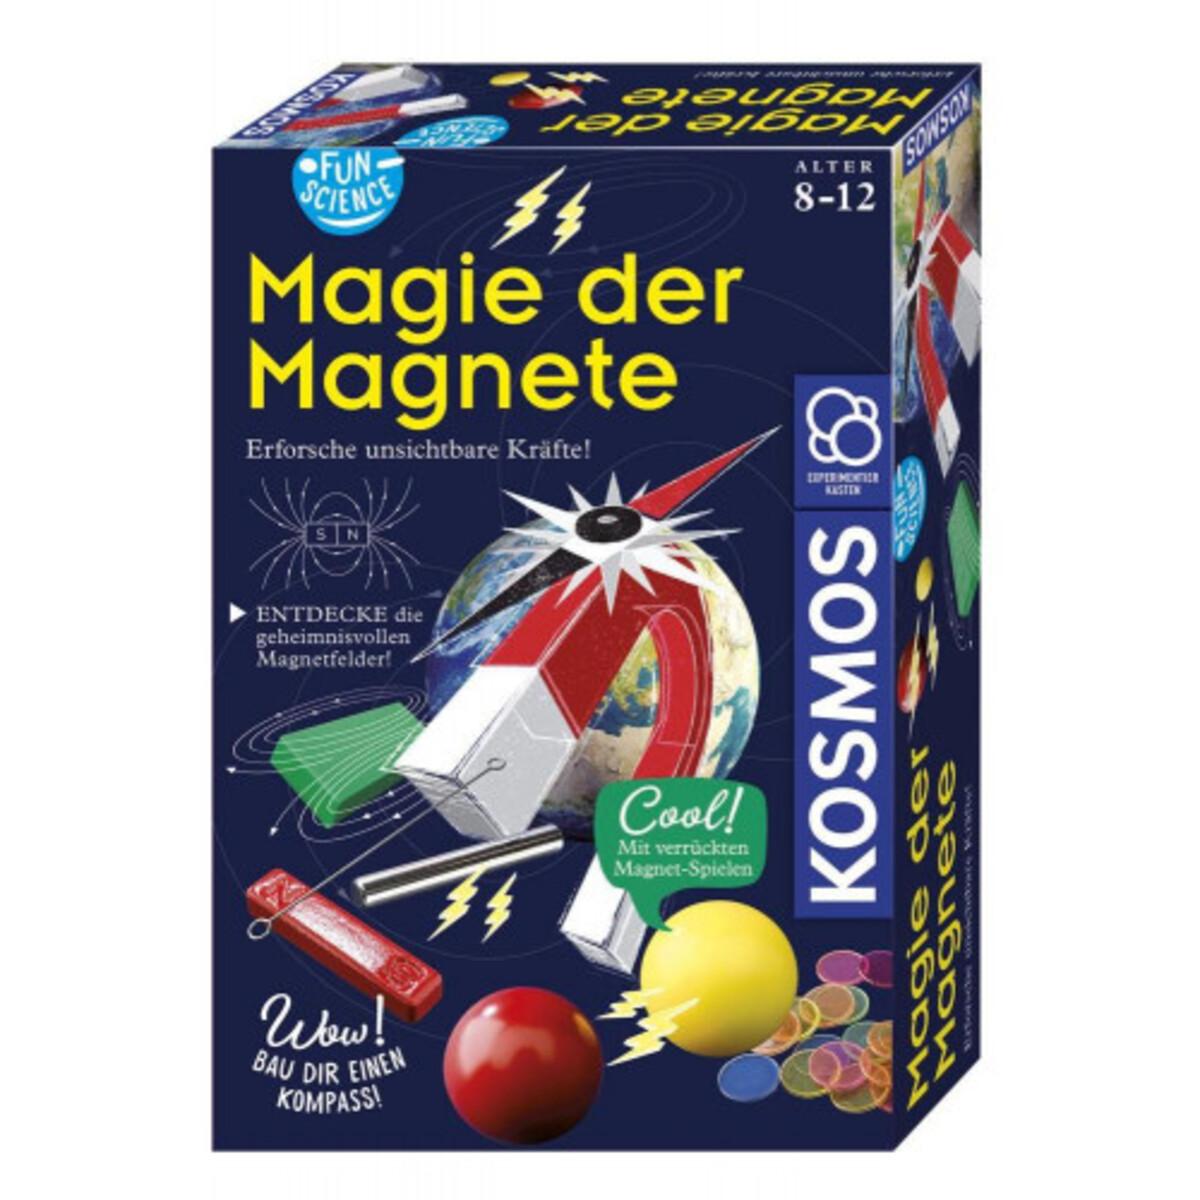 Bild 1 von KOSMOS Magie der Magnete